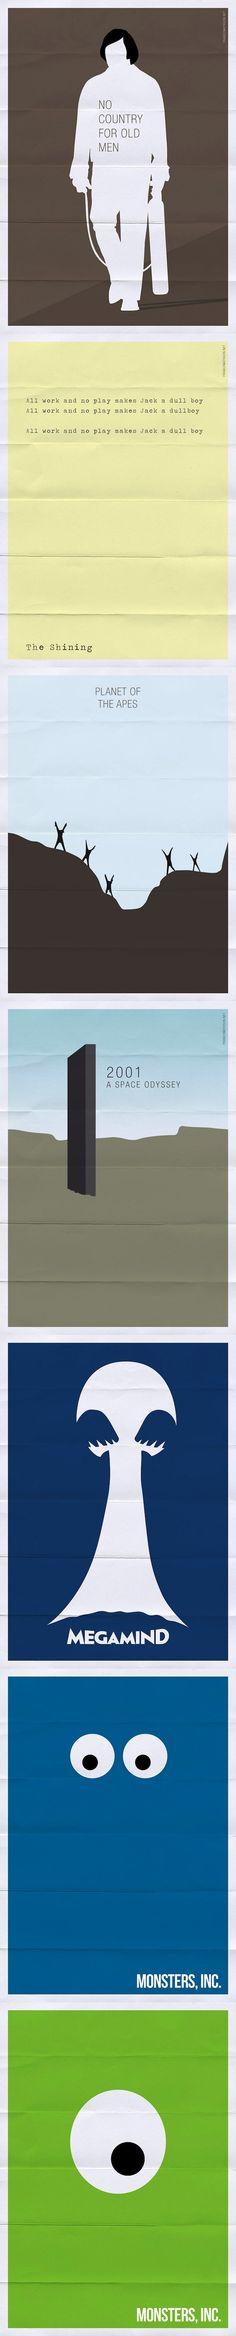 minimalist-movie-posters